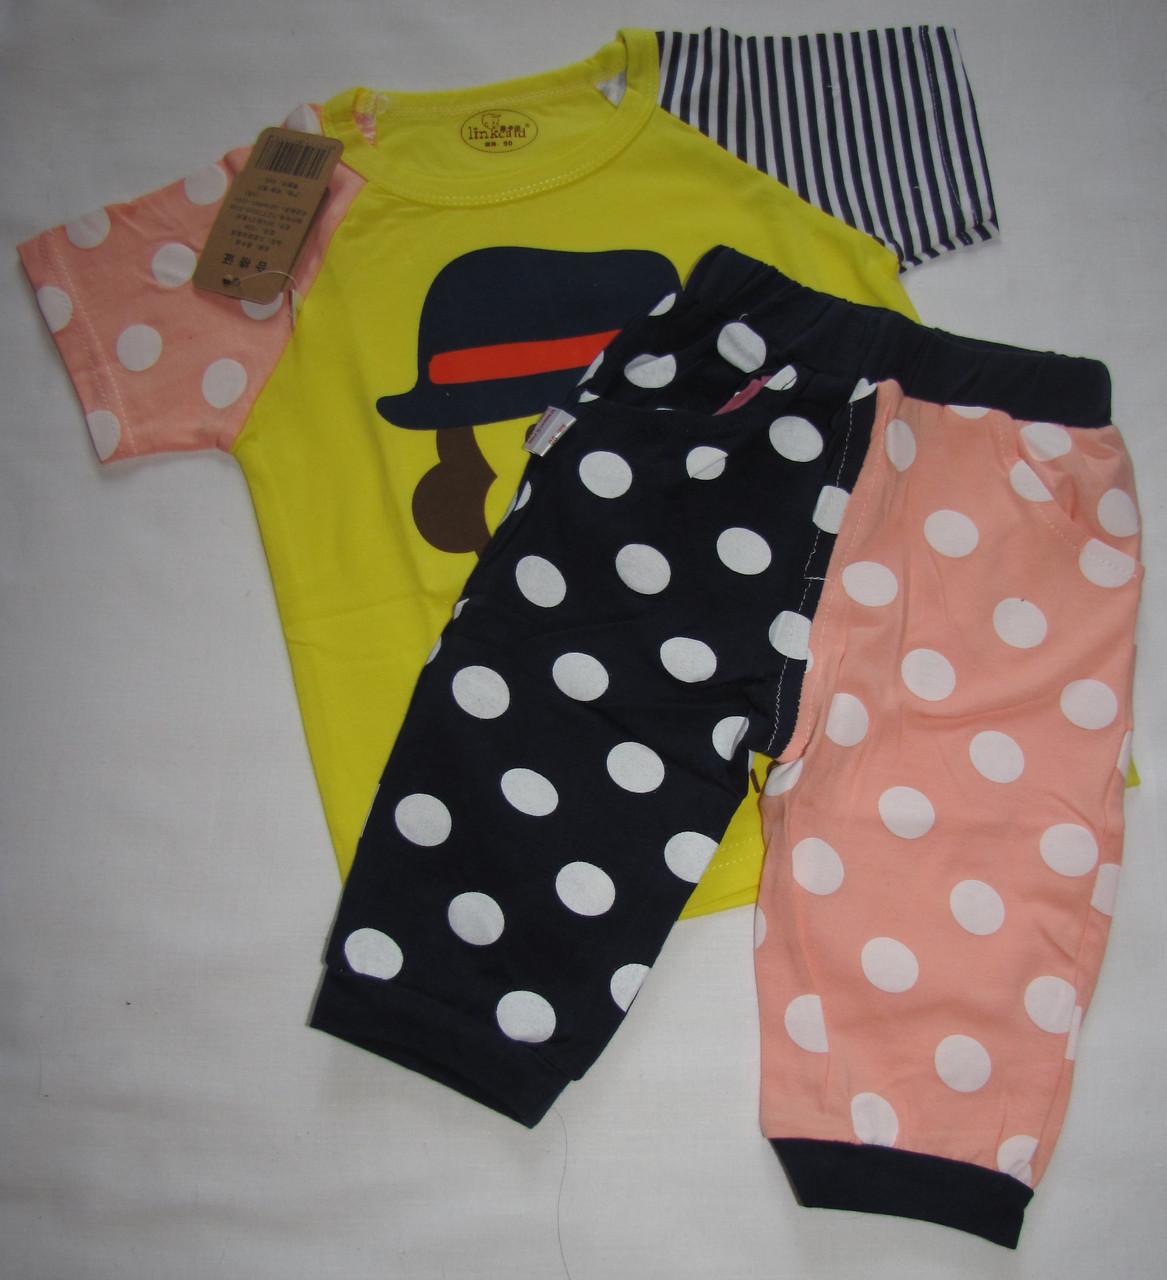 Пижама (футболка с короткими рукавами и шорты) Linkcard Обезьянка 90 см Желтая с розовым (06132)